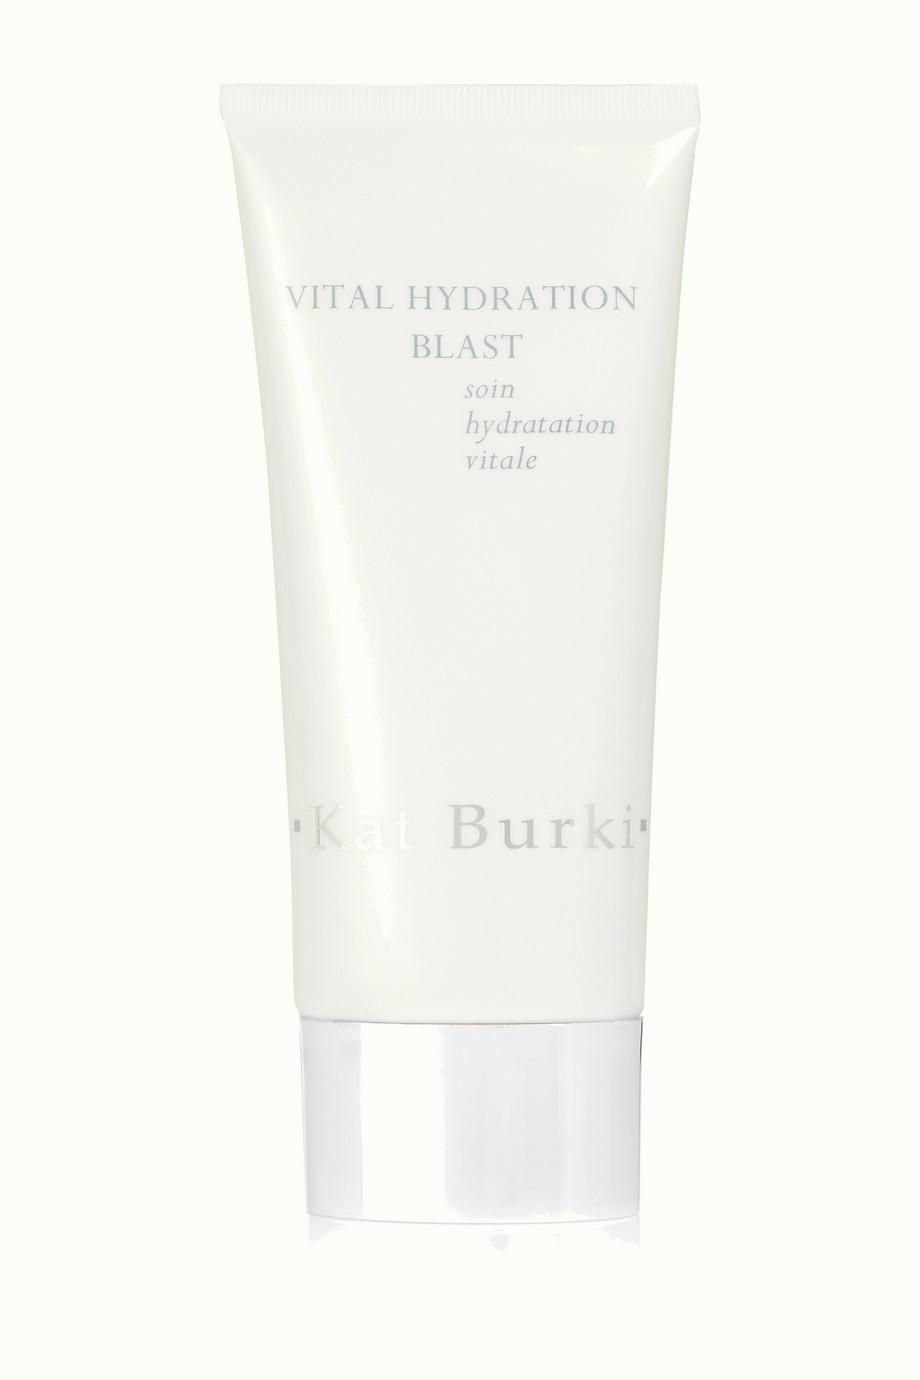 Kat Burki Vital Hydration Blast, 130ml